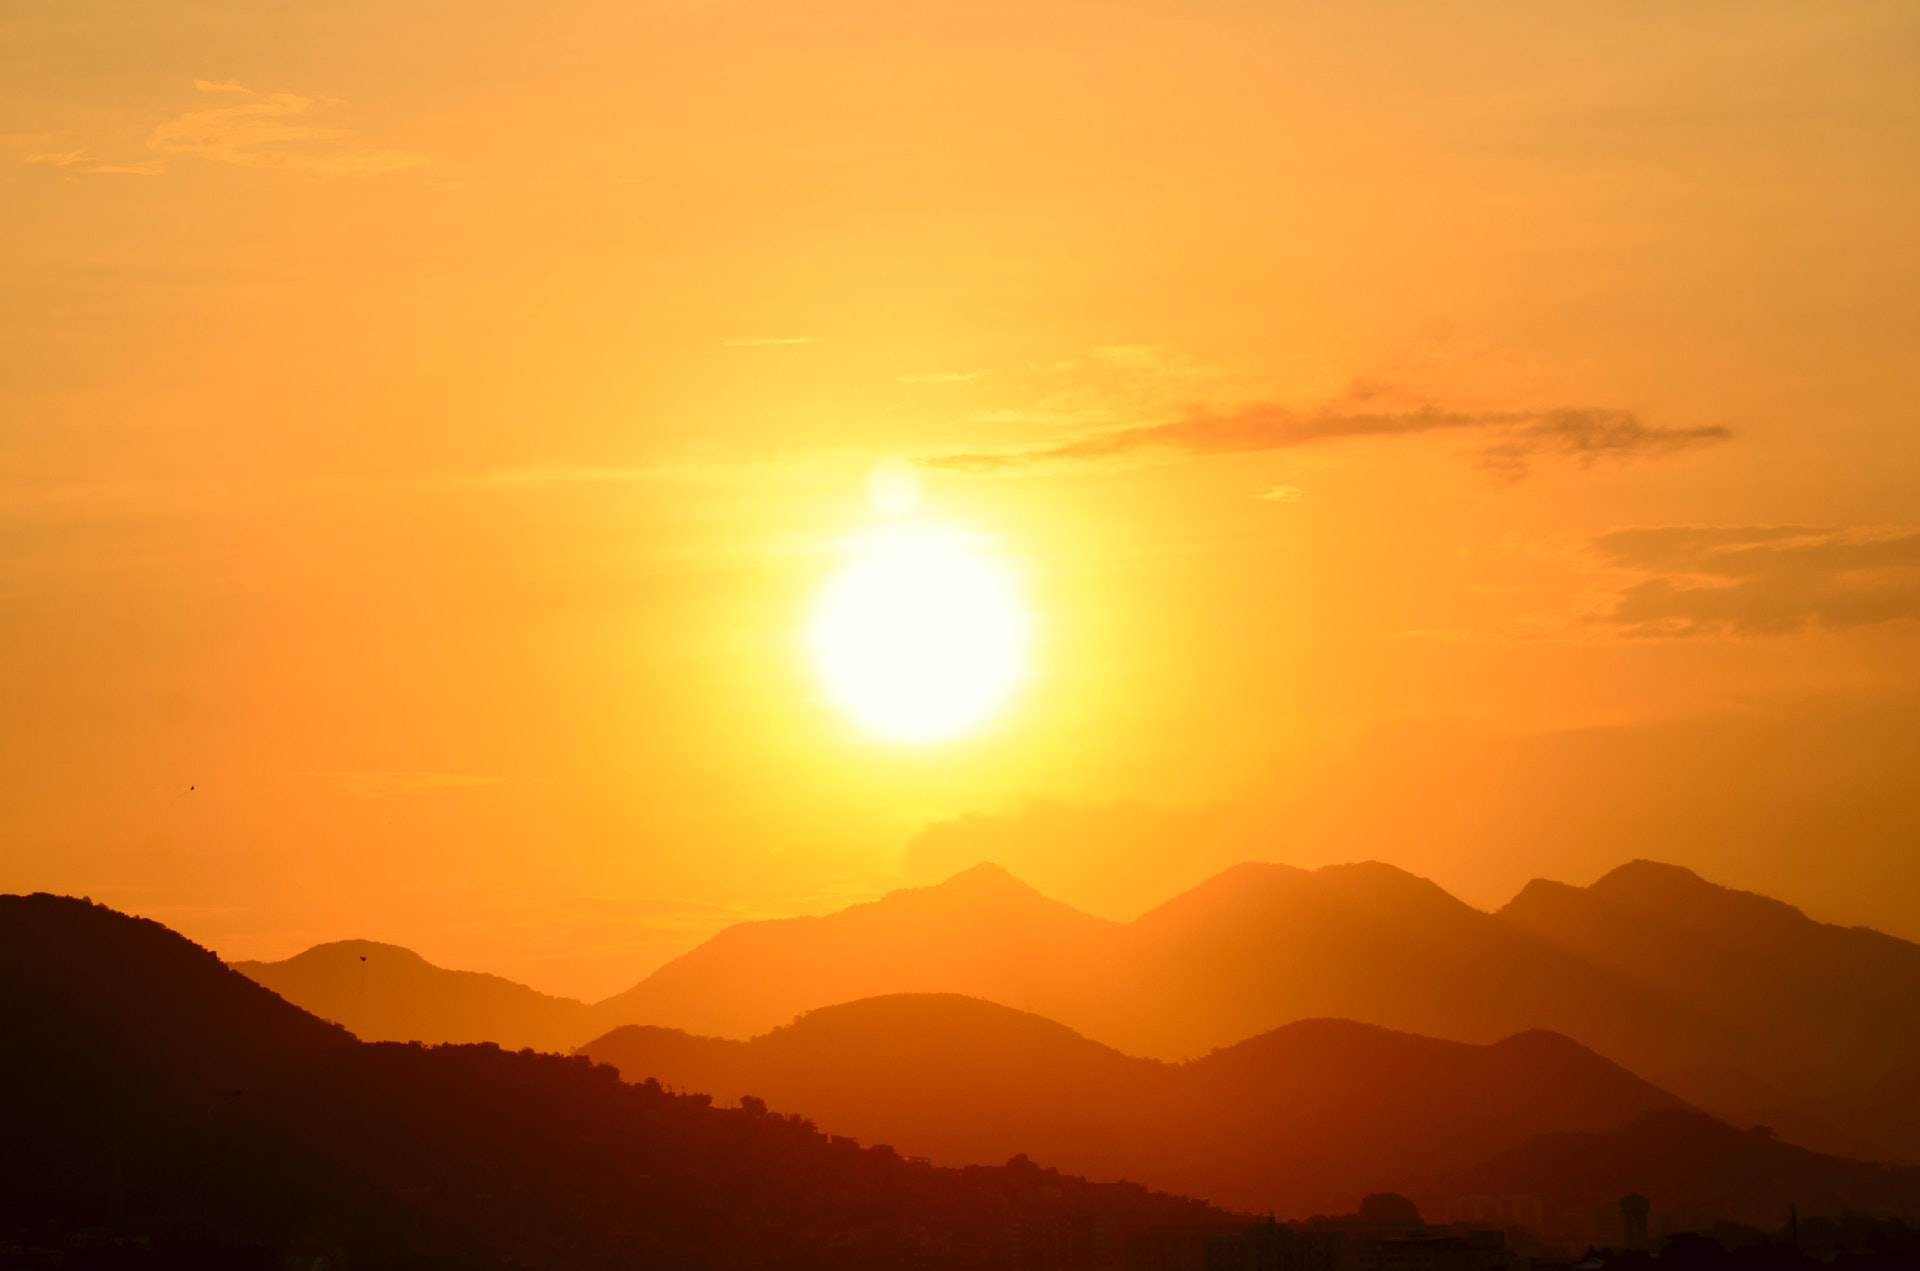 Радиоастроном Ганн: Солнце имеет зеленый цвет из-за электромагнитных волн